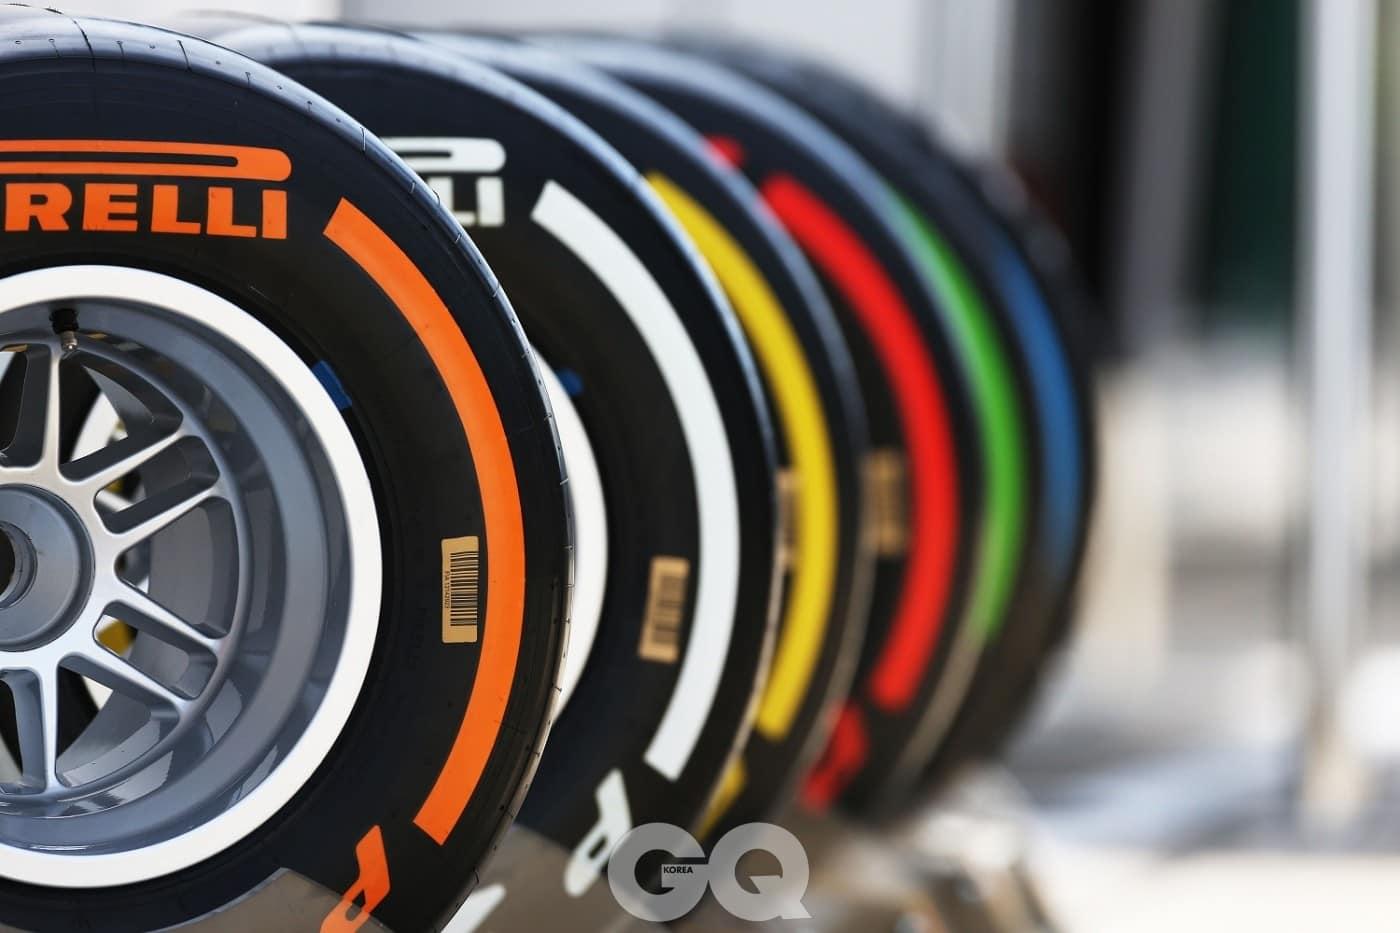 로저드뷔와 협업한 세계적인 타이어 제조사 피렐리의 고유한 컬러 코드.